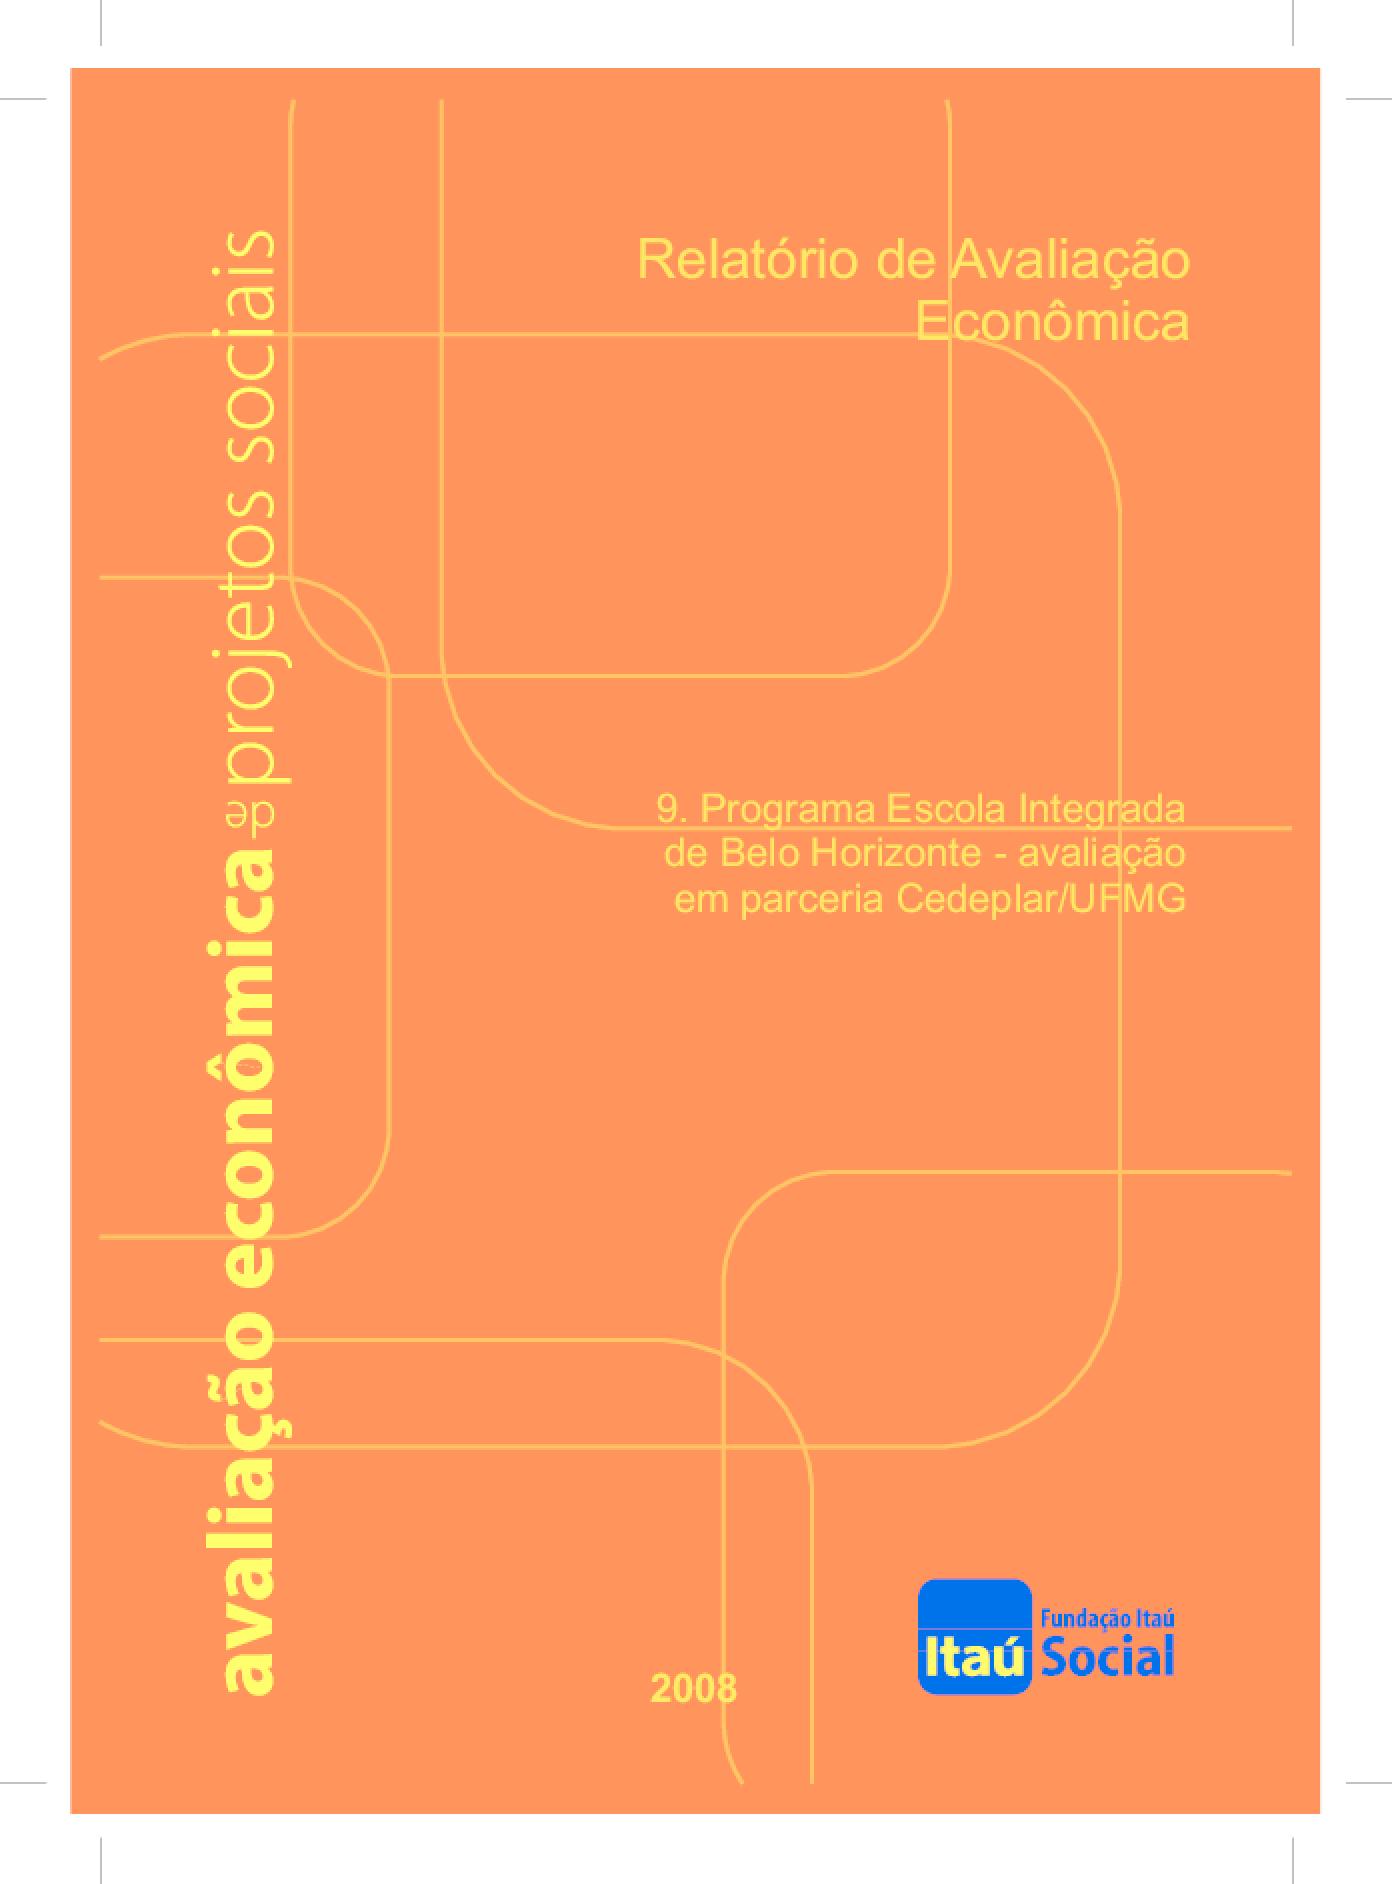 Relatório de avaliação econômica - programa escola integrada de Belo Horizonte